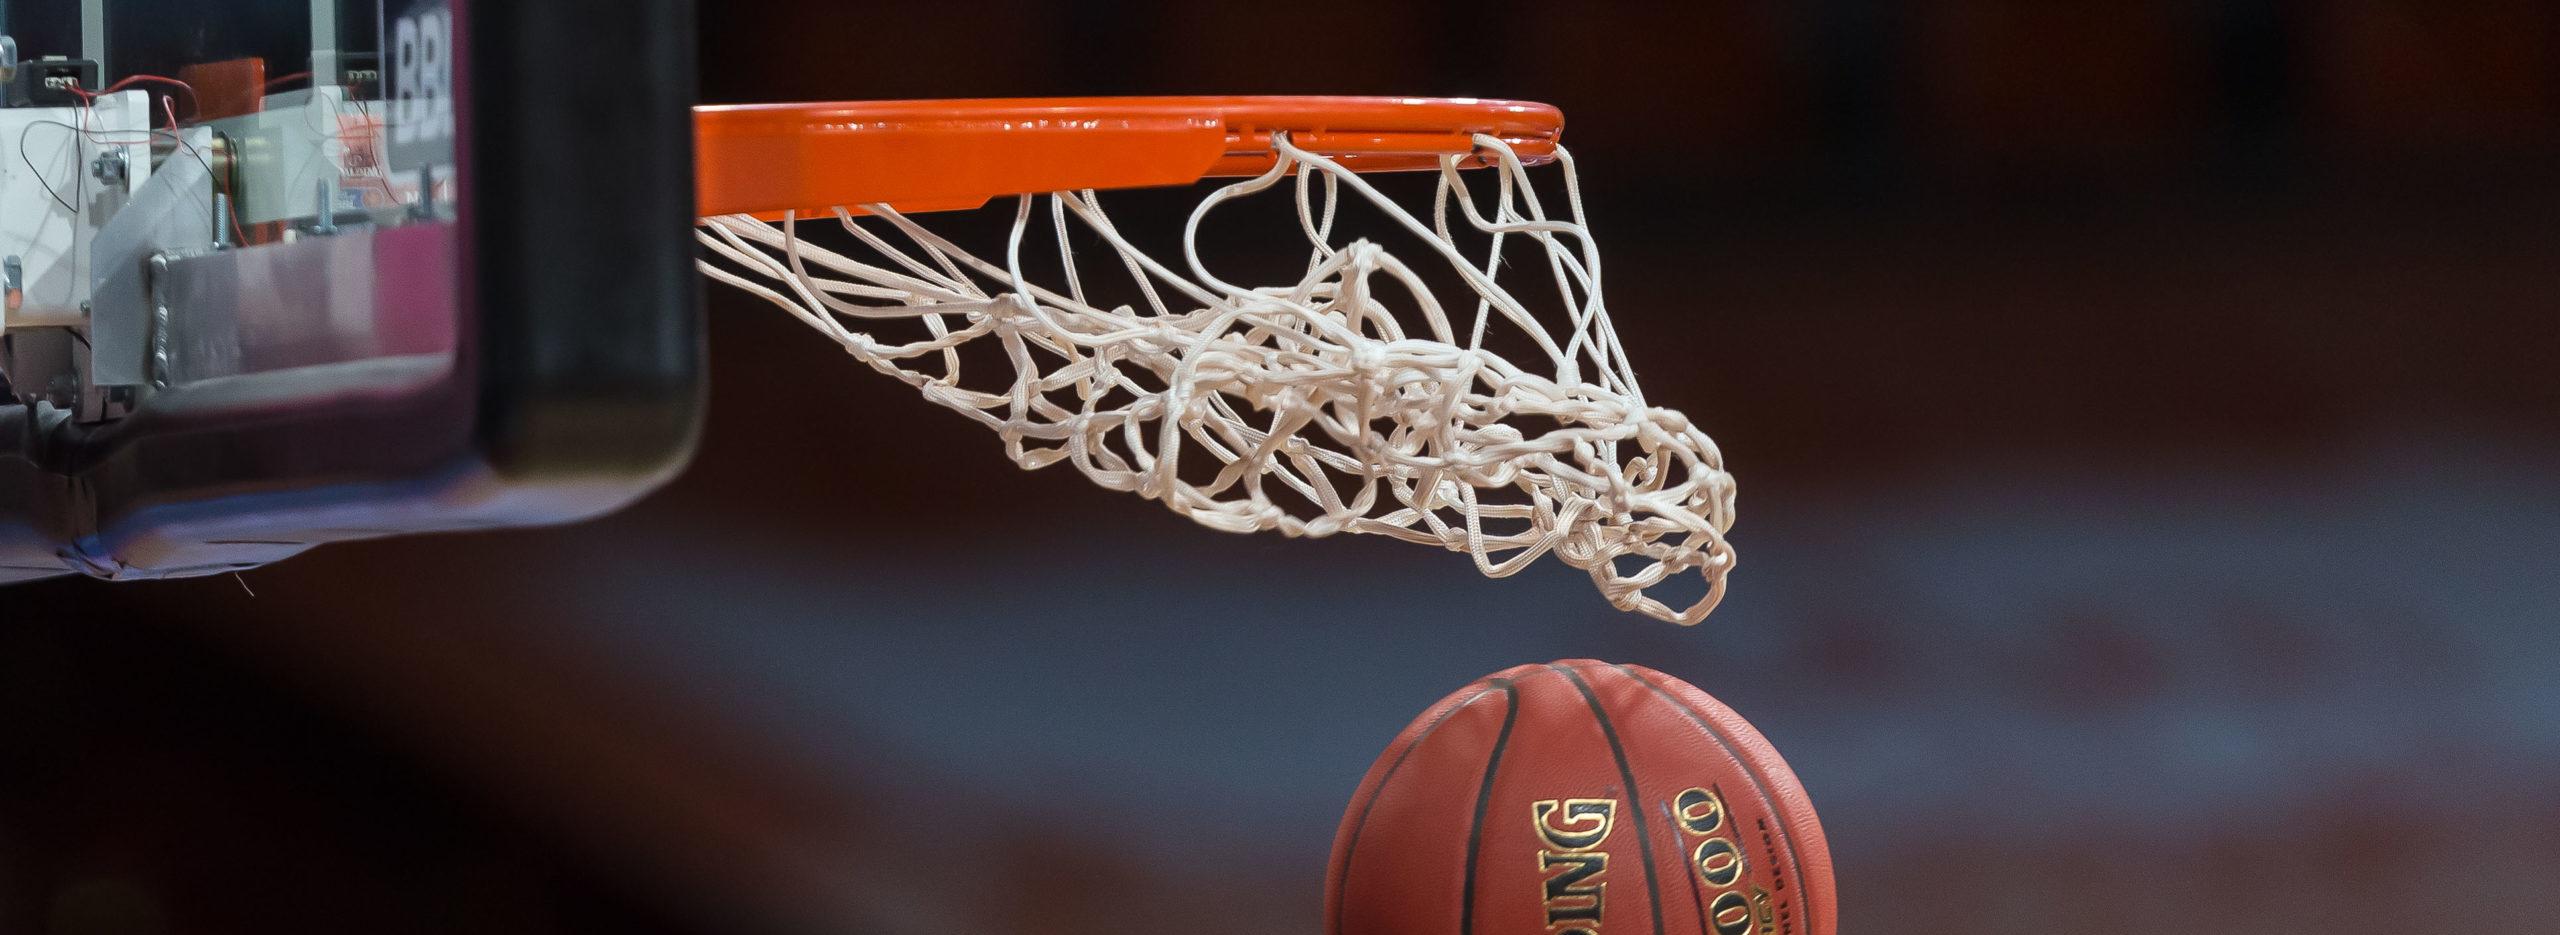 Pronostici NBA Playoff: Lakers-Rockets è una sfida tra due estremi del basket, tutte le partite di oggi 4 settembre